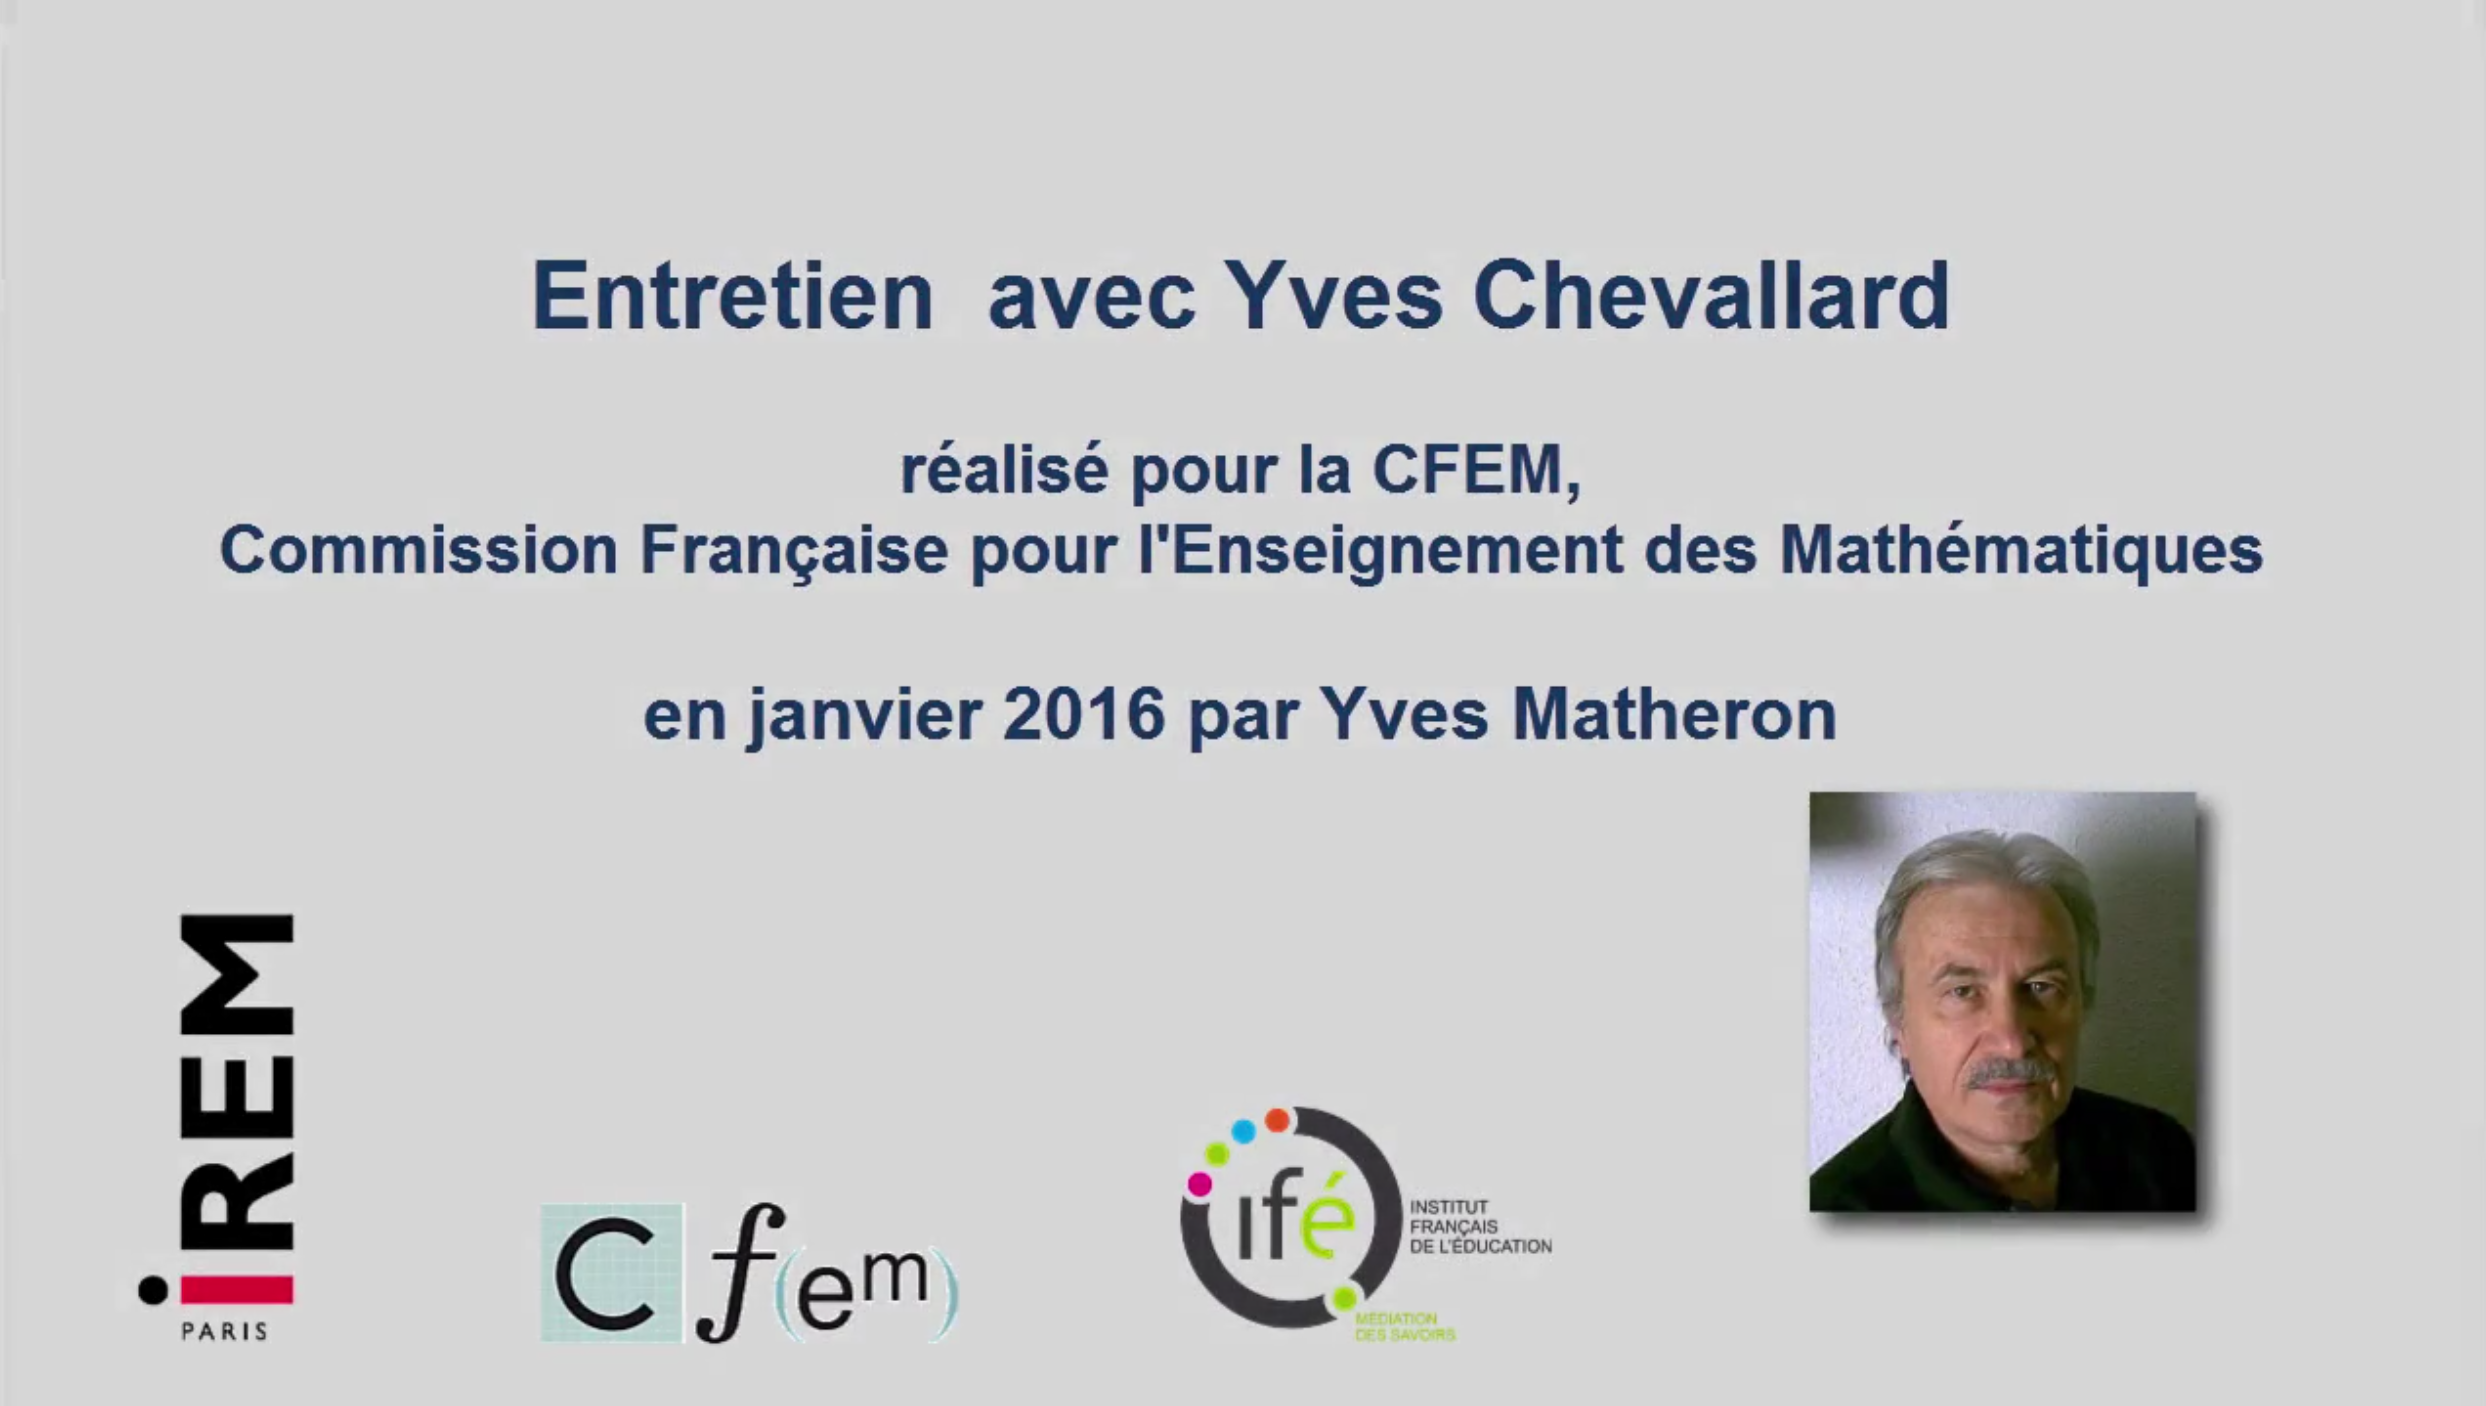 Entretien Chevallard